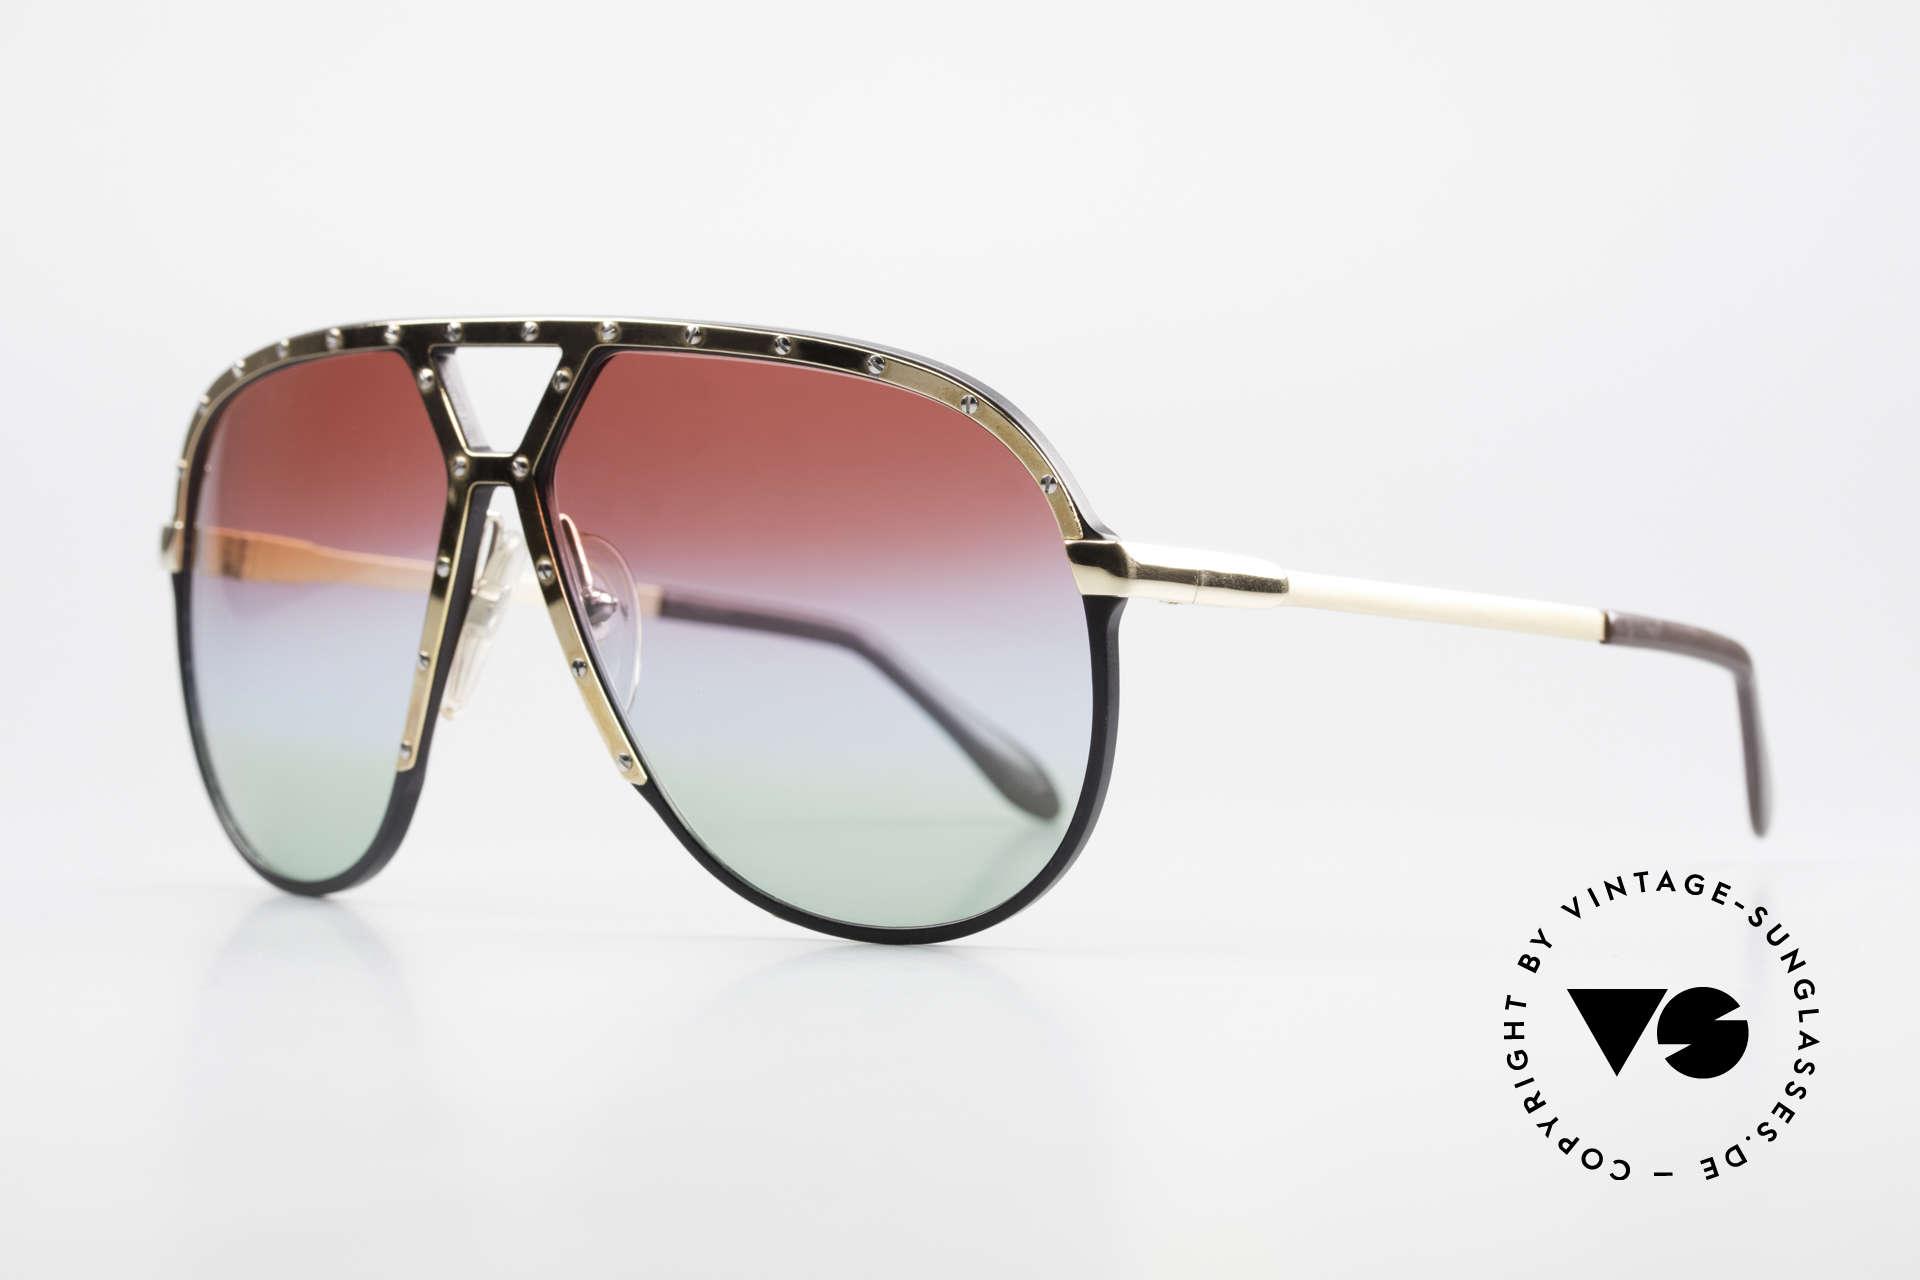 Alpina M1 80er Sonnenbrille Individuell, schwarze Fassung mit vergoldeter Blende & Bügel, Passend für Herren